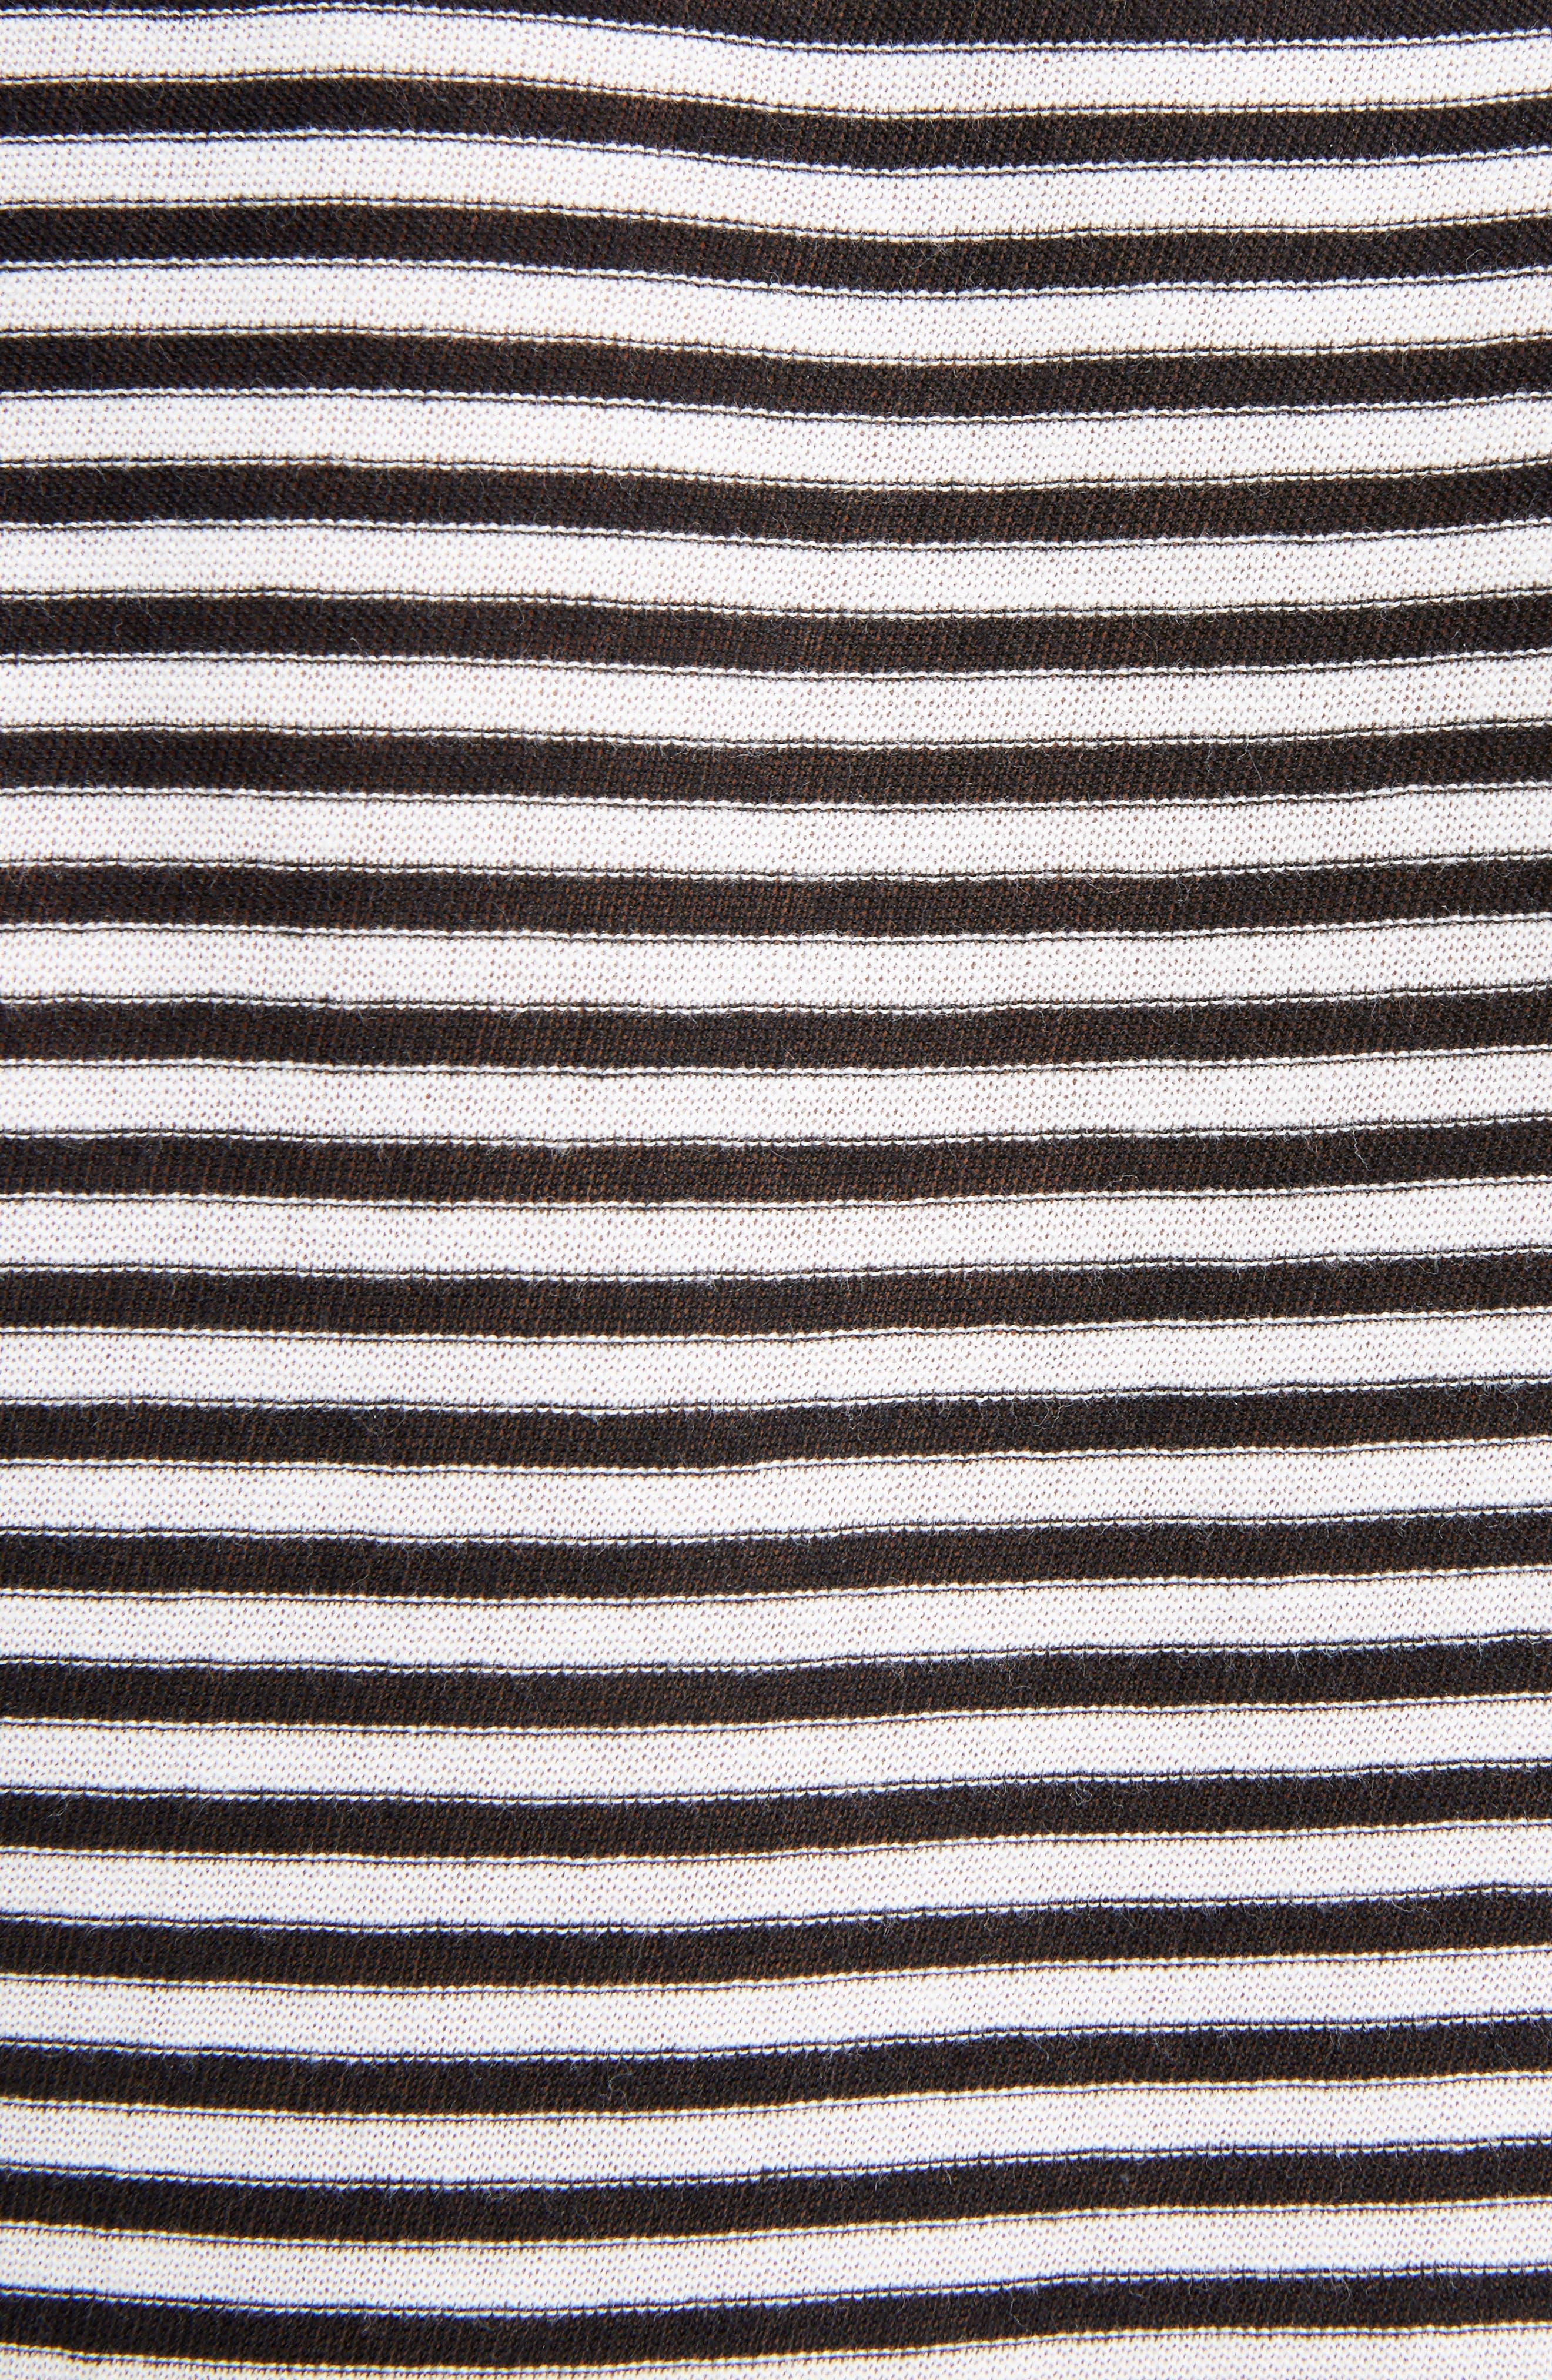 SAINT LAURENT,                             Logo Stripe Tee,                             Alternate thumbnail 5, color,                             NOIR/ NATUREL/ ROUGE